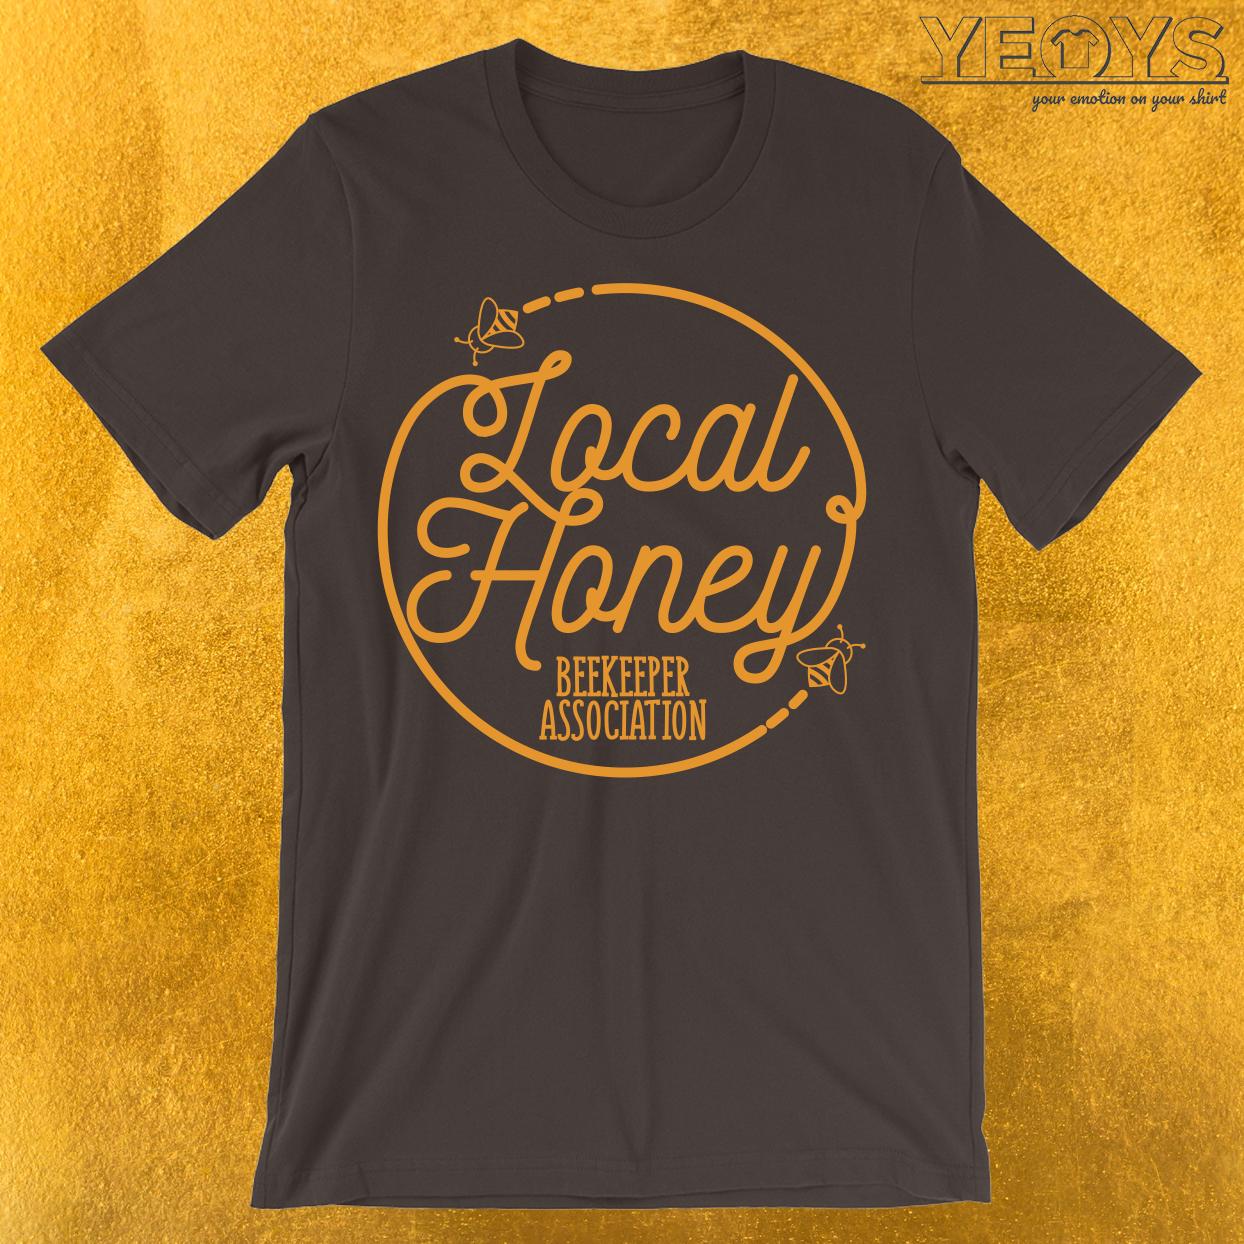 Local Honey Beekeeper Association T-Shirt